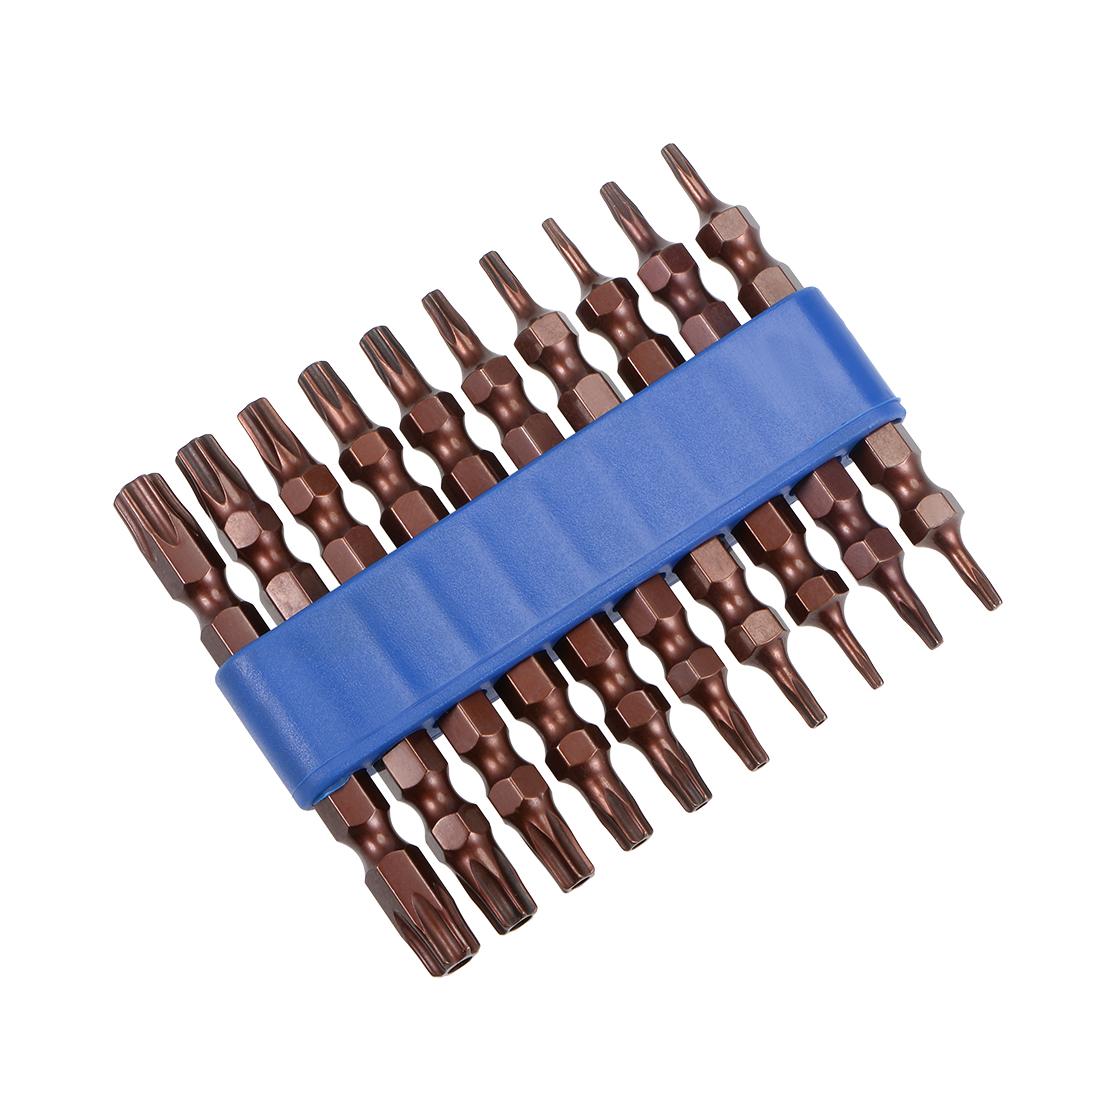 Torx Bits Set 10pcs 1/4 Inch Hex Shank 65mm Screwdriver T6-T40 Screwdriver Bits